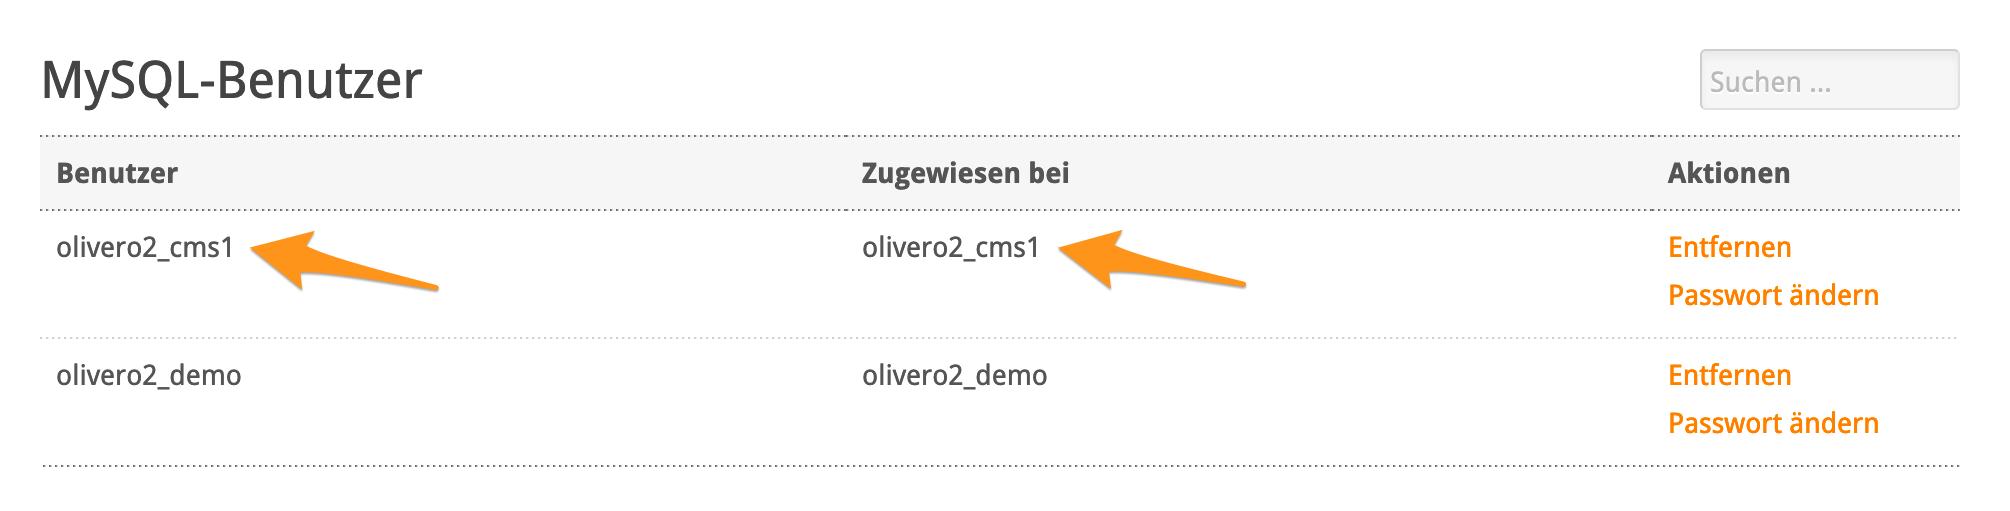 Vorhandene MySLQ-Benutzer